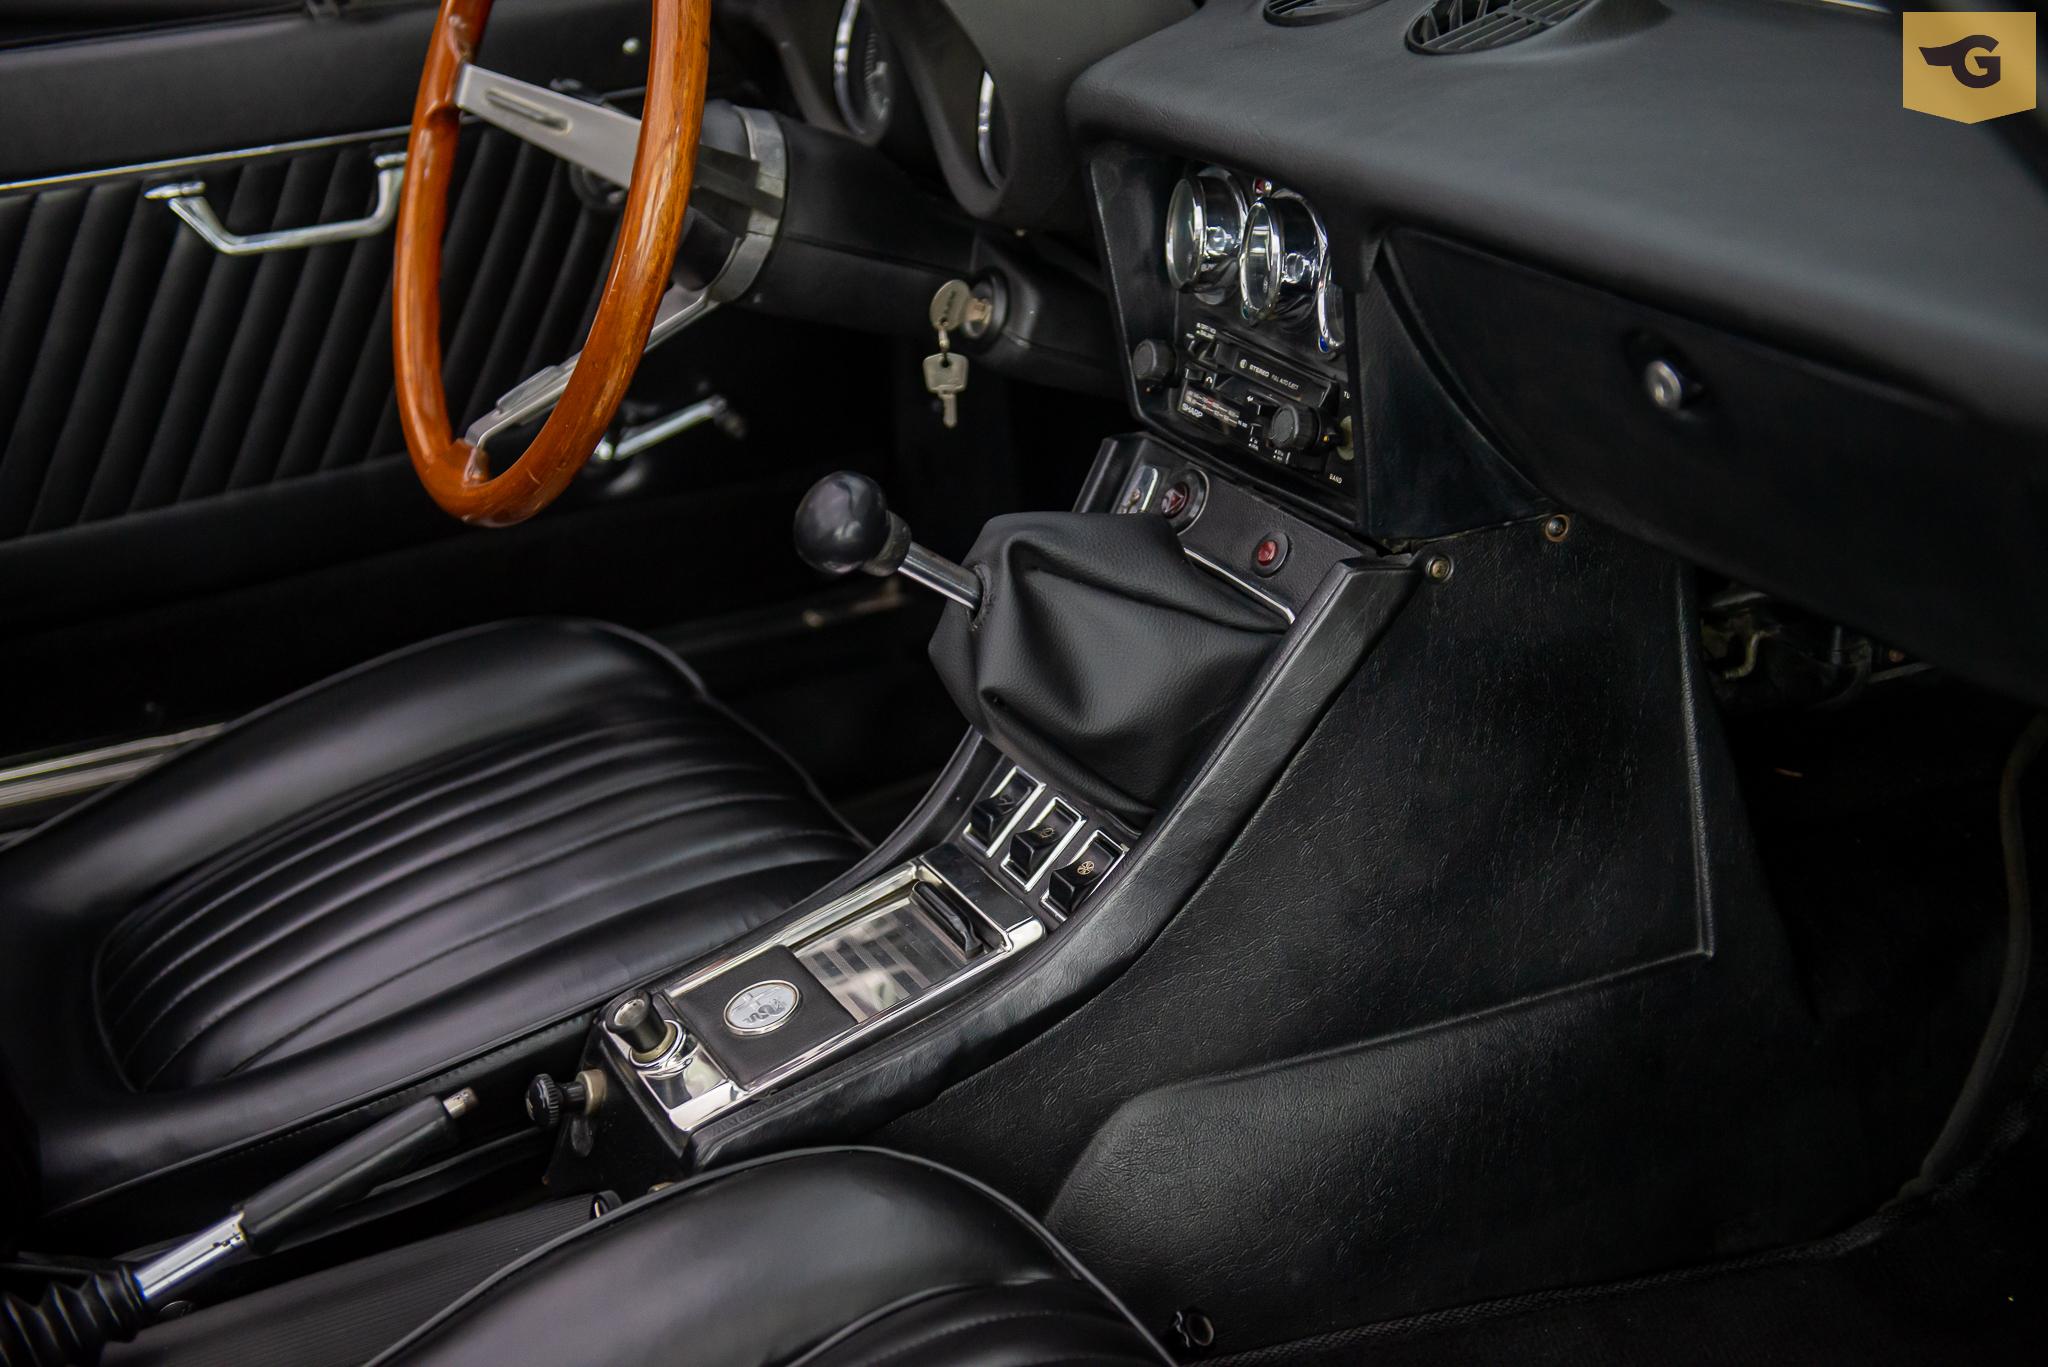 1972-Alfa-Spider-Veloce-2000-a-venda-sao-paulo-sp-for-sale-the-garage-classicos-a-venda-loja-de-carros-antigos-33